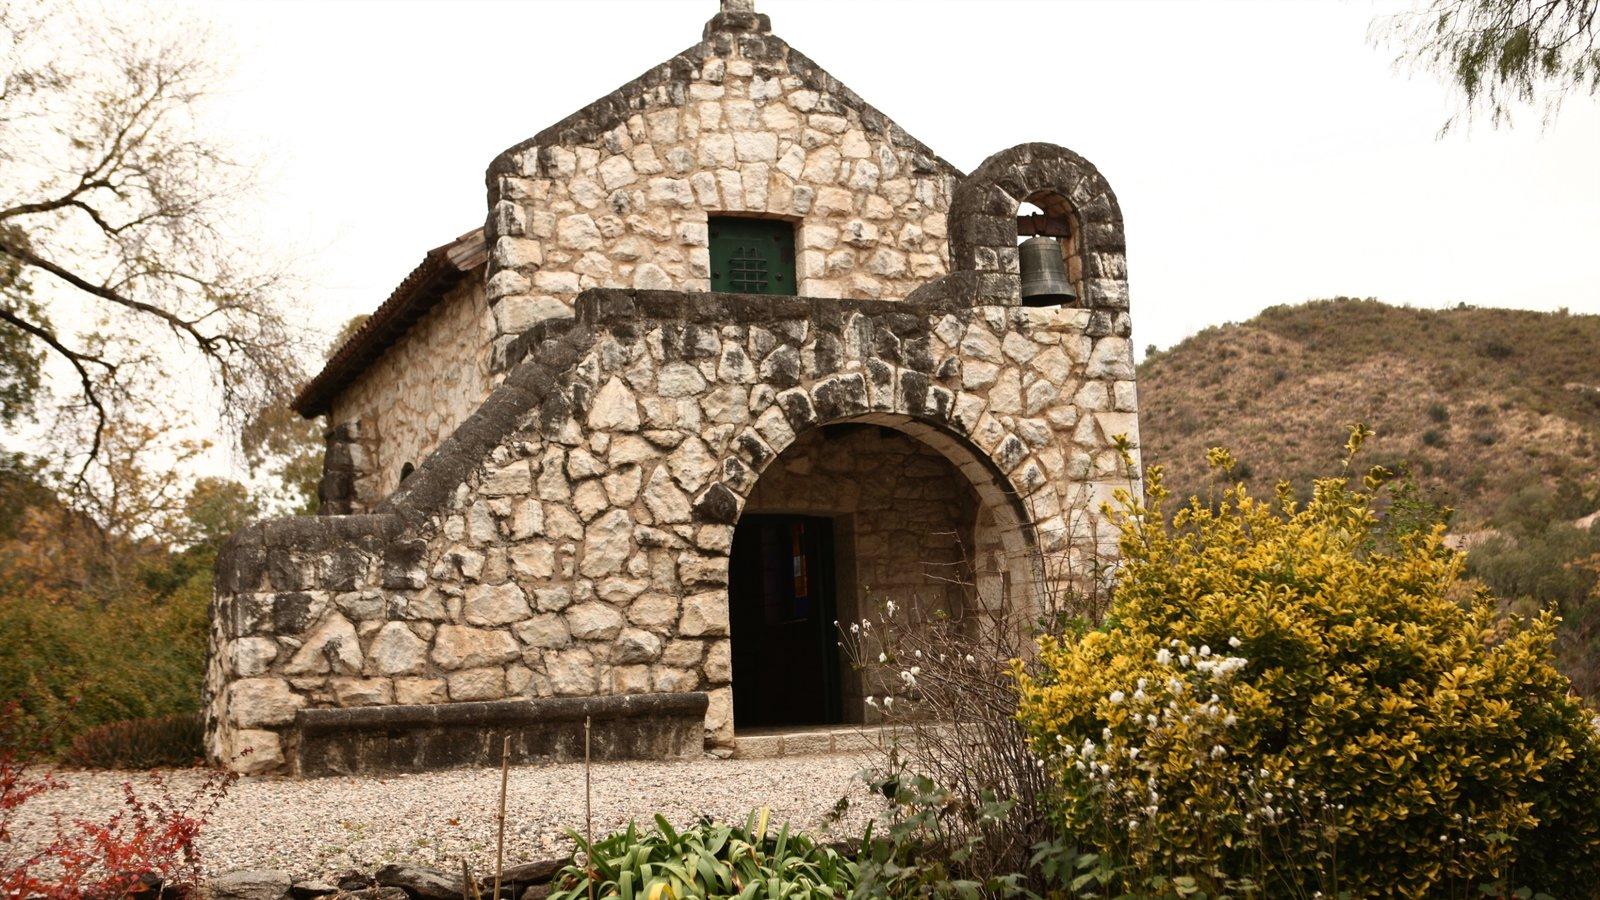 Cordoba que inclui arquitetura de patrimônio e uma igreja ou catedral